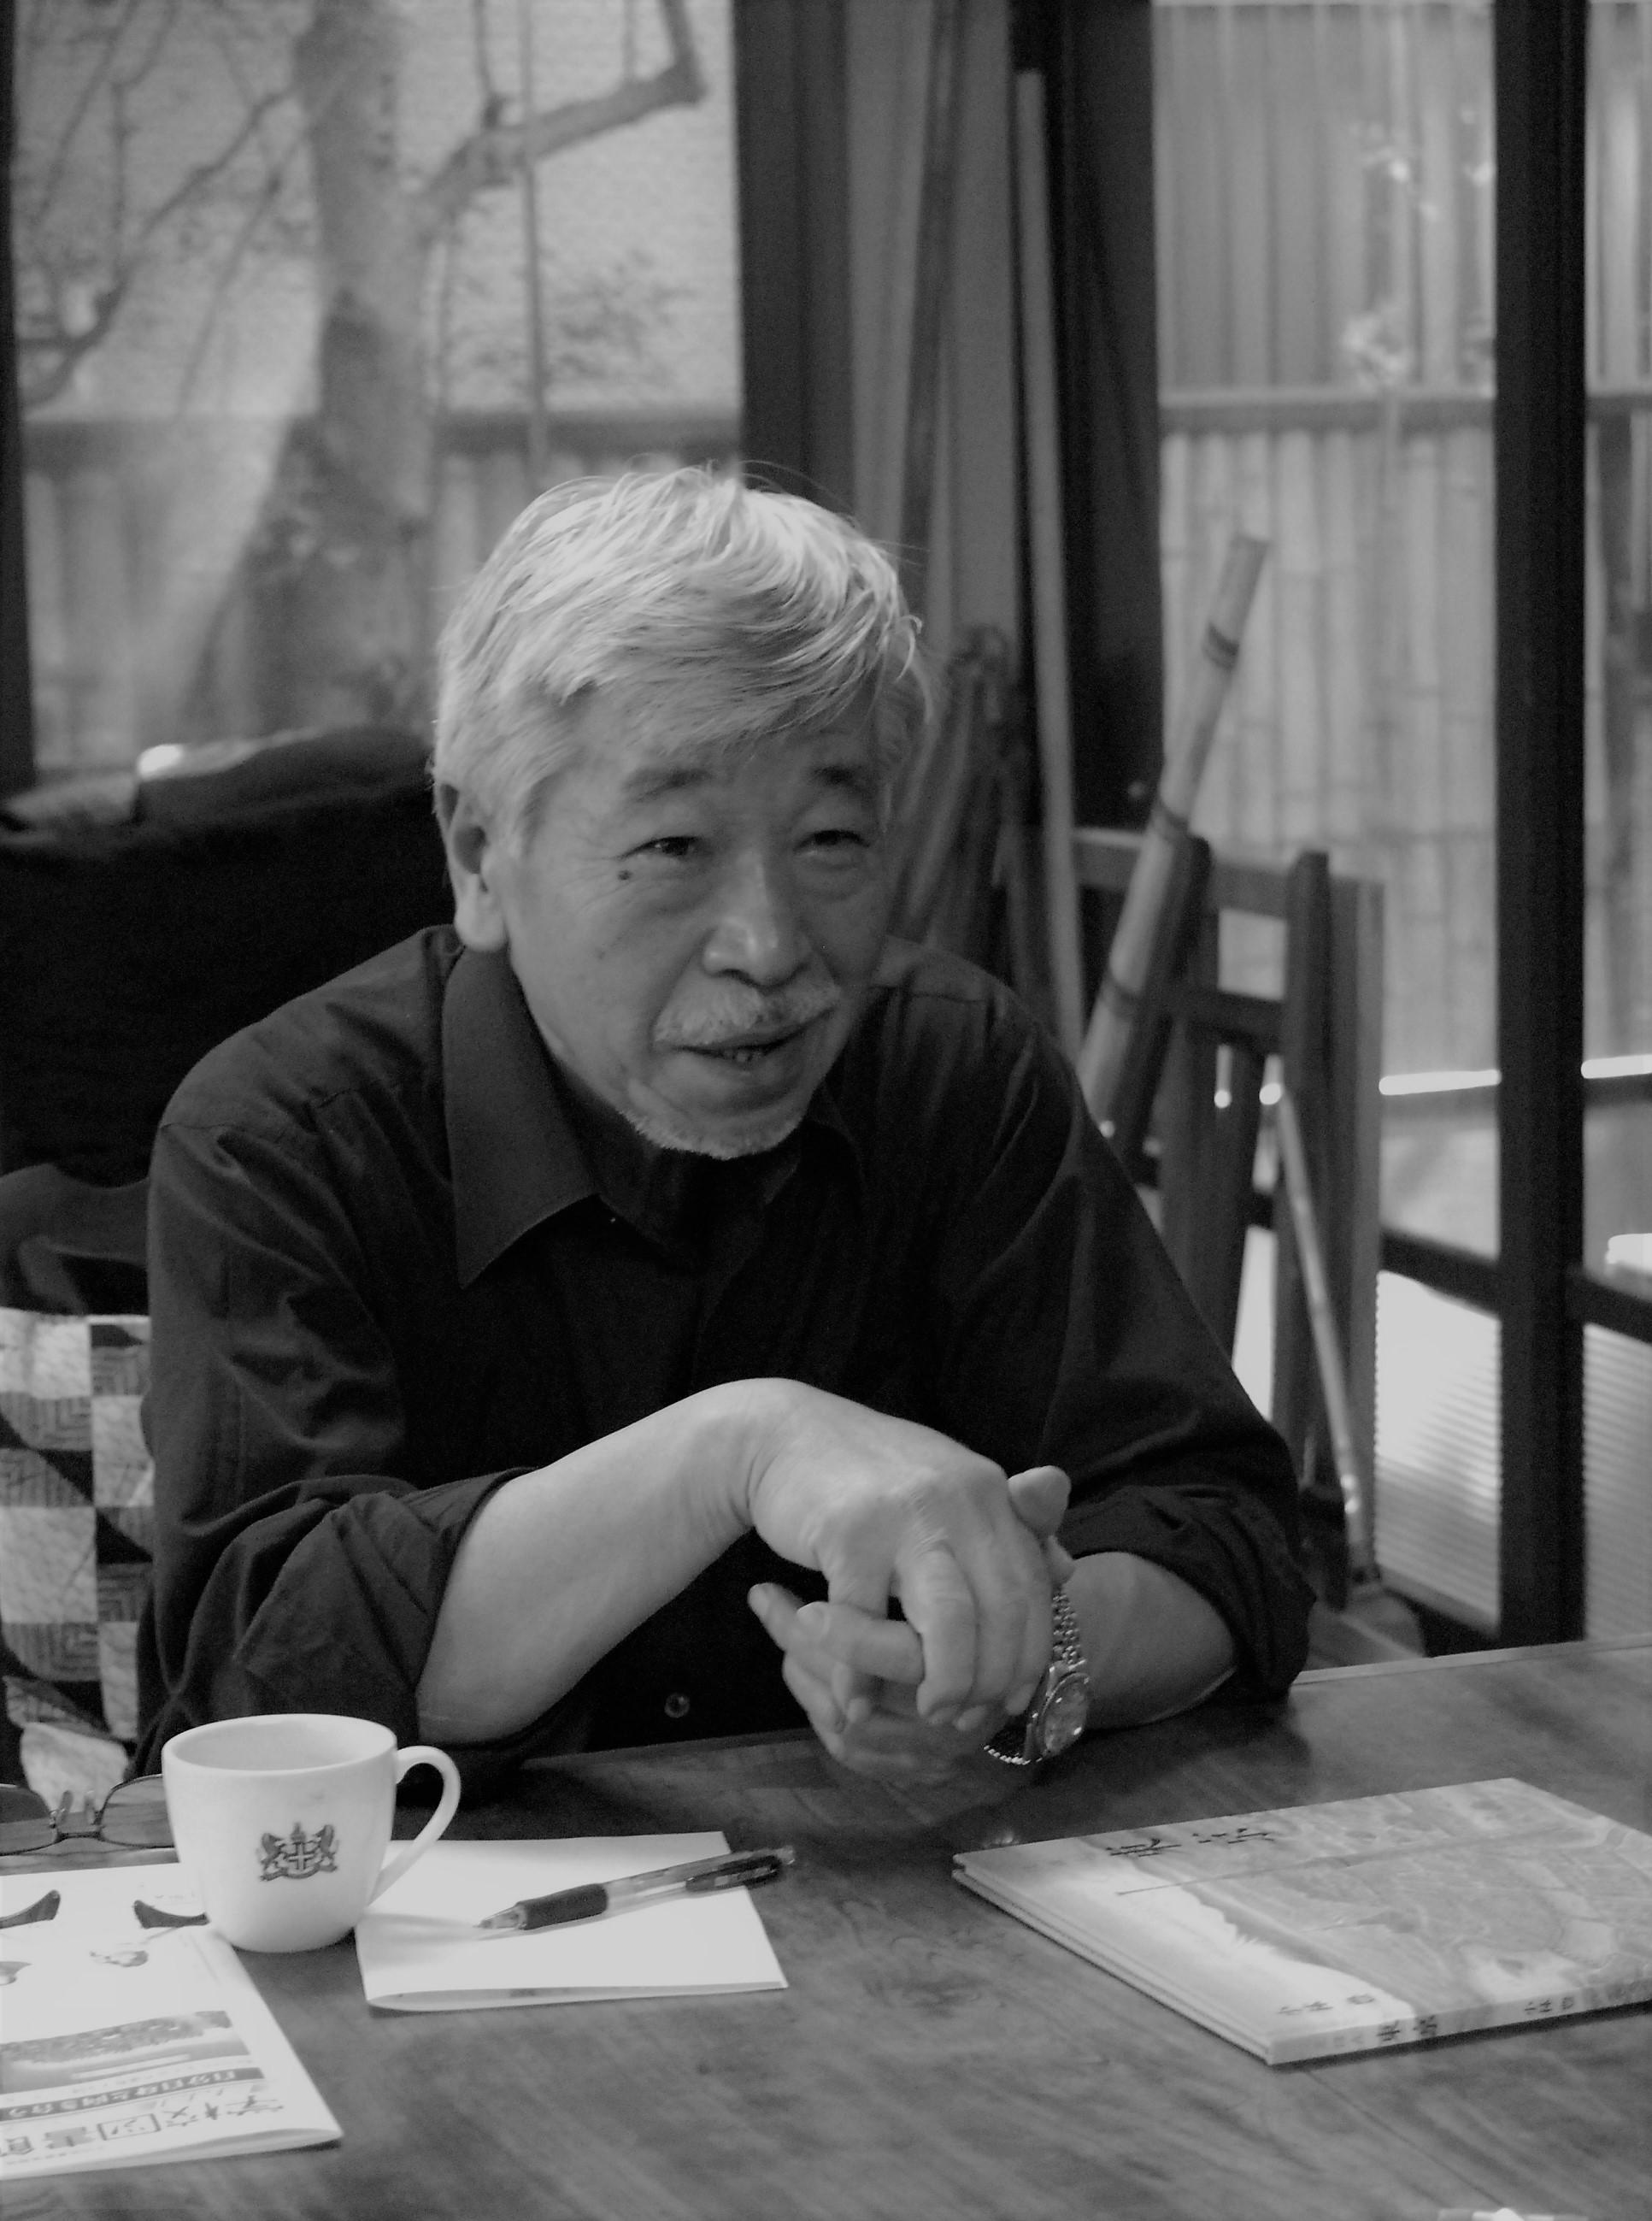 委員 Yutaka KOBAYASHI